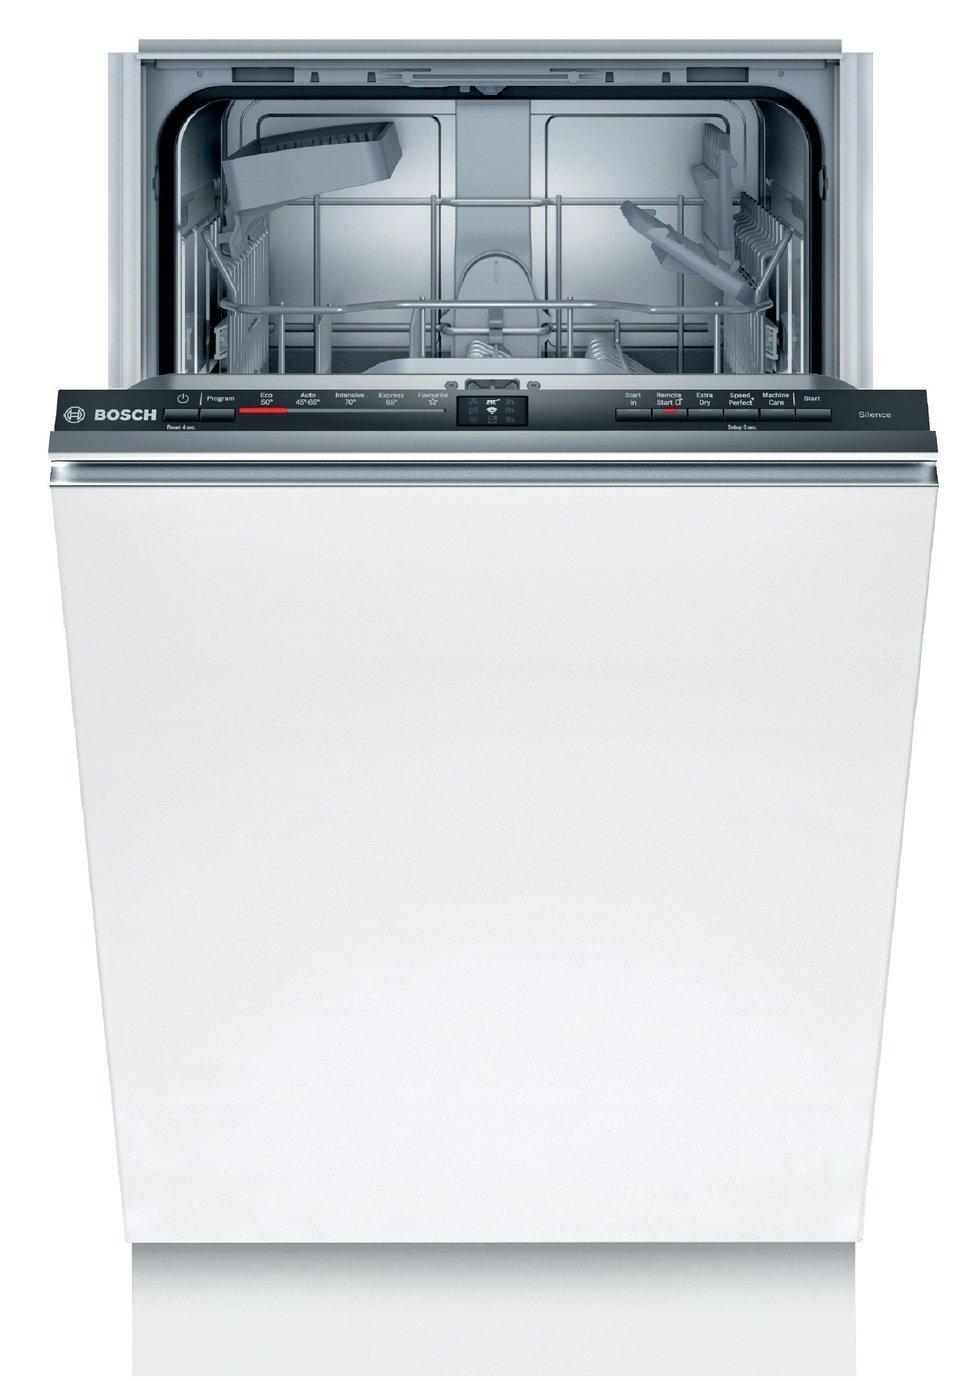 Bosch SPV2HKX39G Slimline Fully Integrated Dishwasher Black